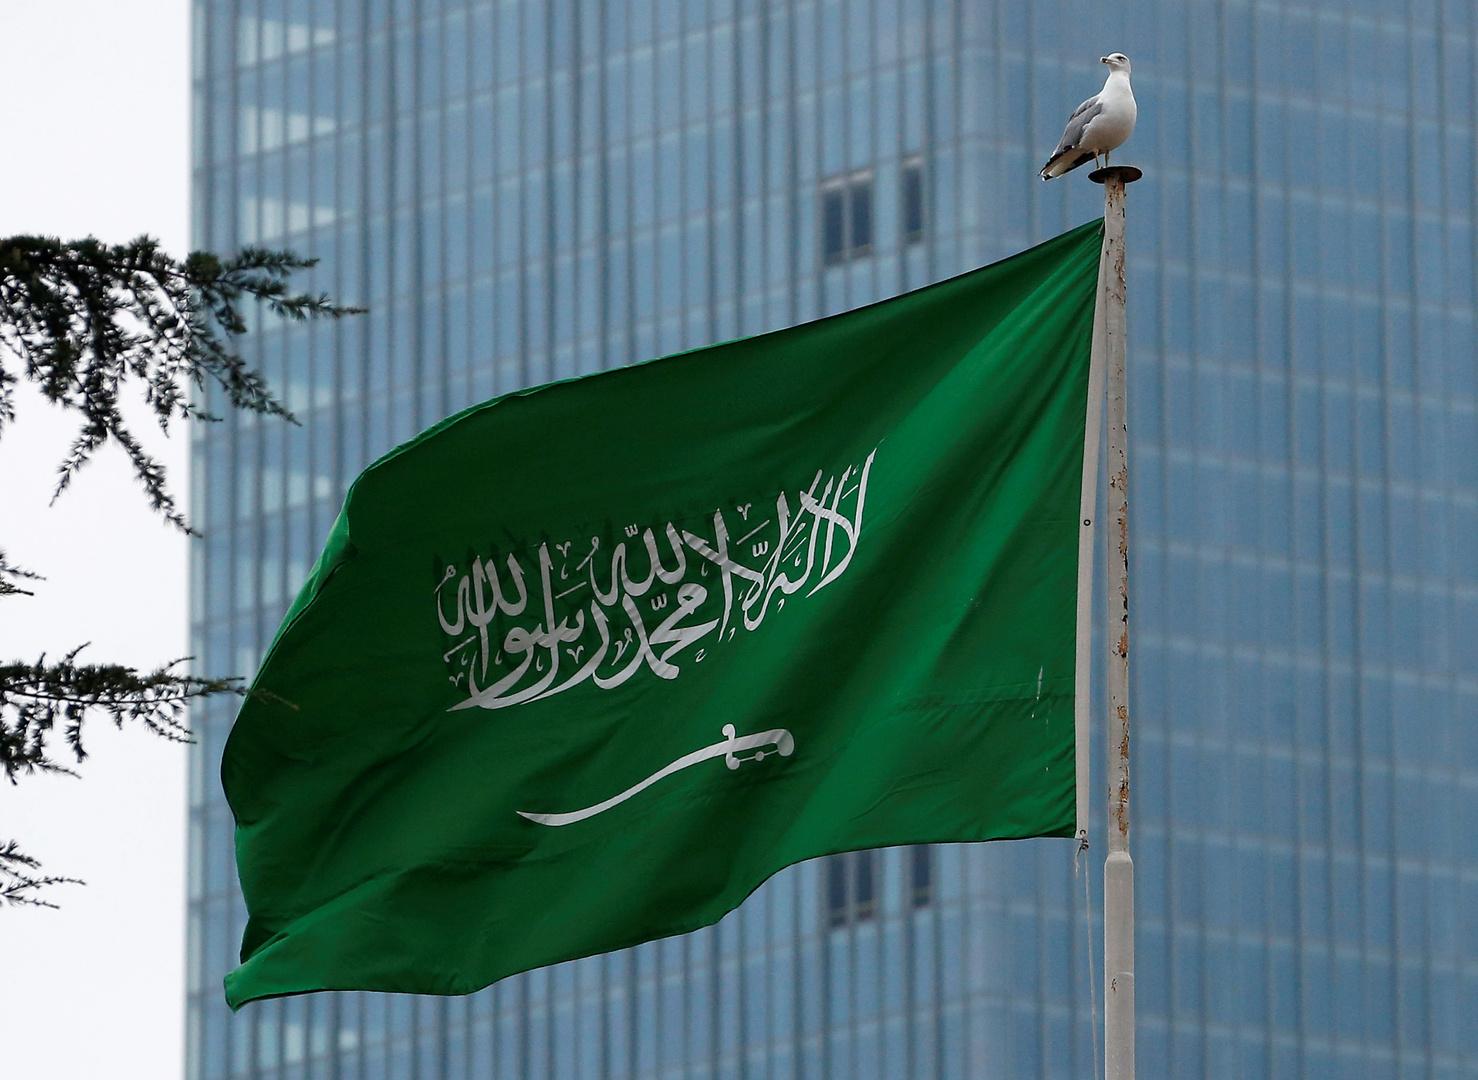 السعودية: ندفع باتجاه دعم الحلول السياسية في اليمن وسوريا وليبيا